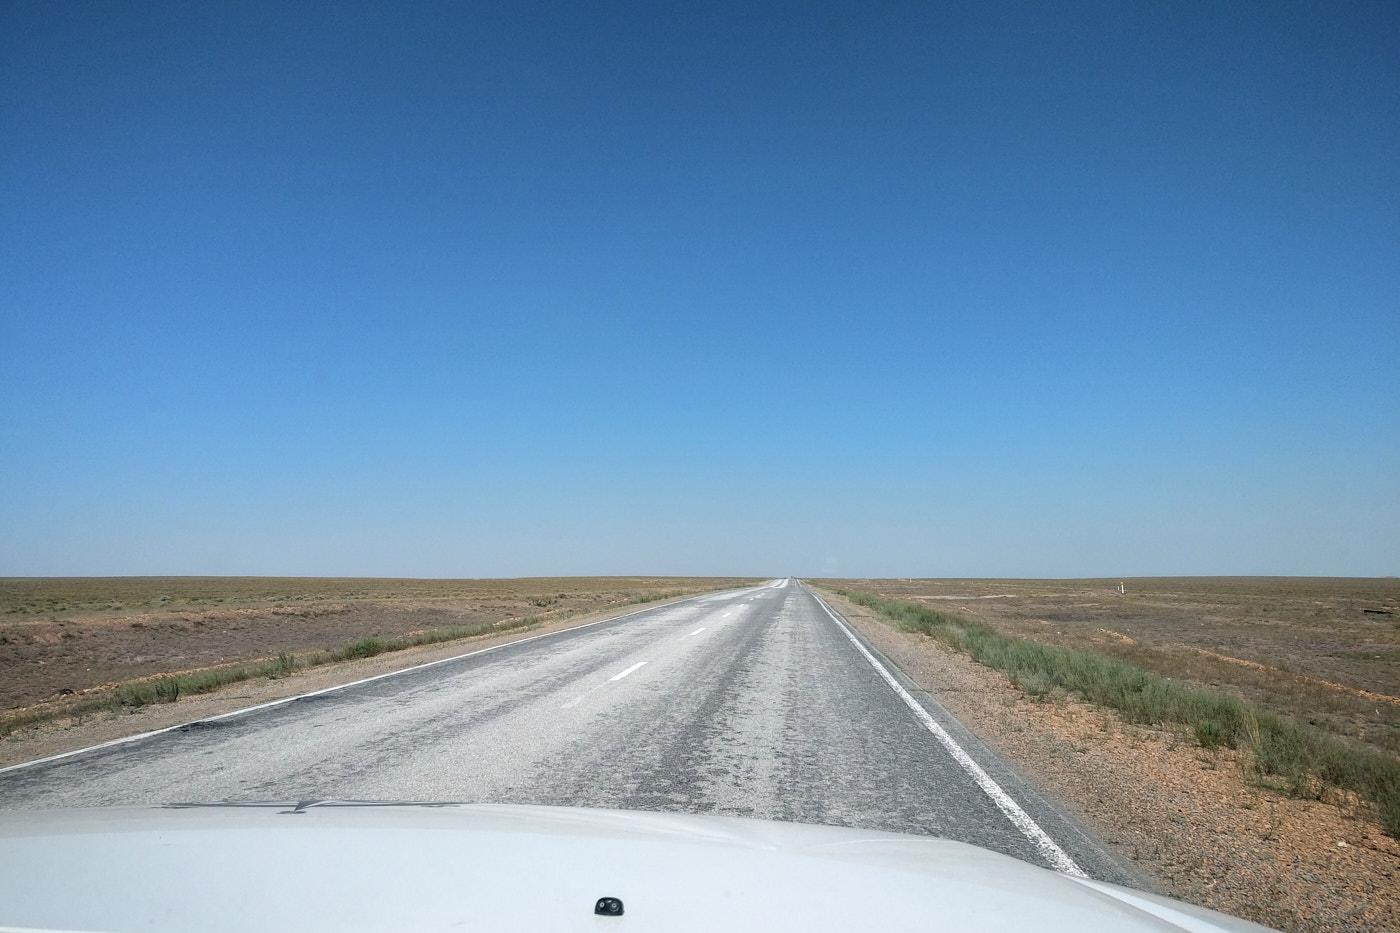 Transit durch Kasachstan - Endlose kasachische Steppe.